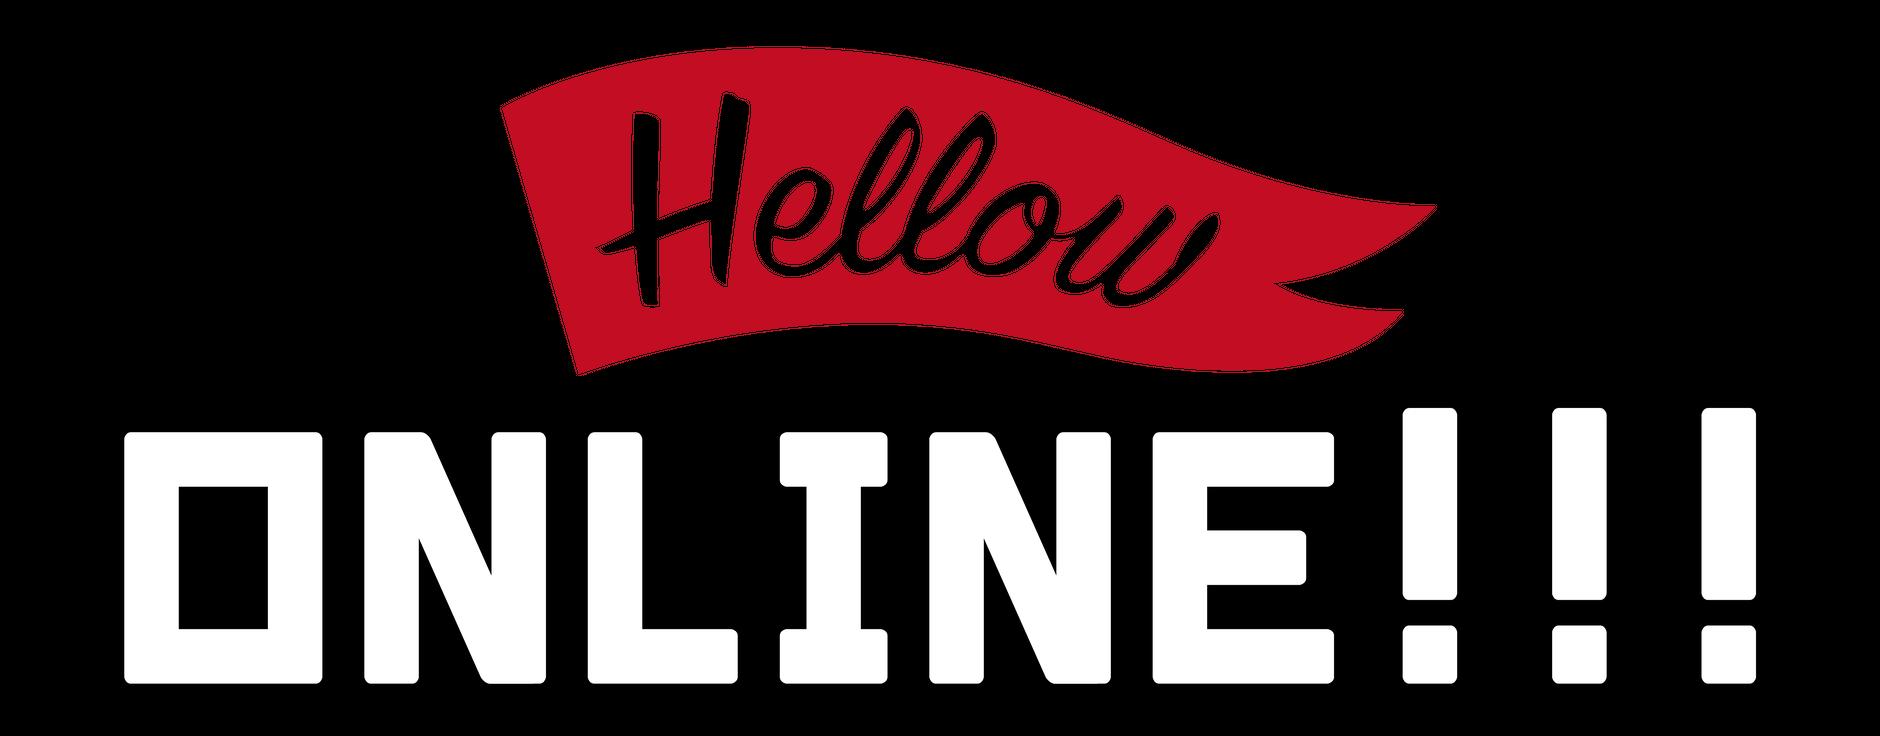 Hellow ONLINE!!!